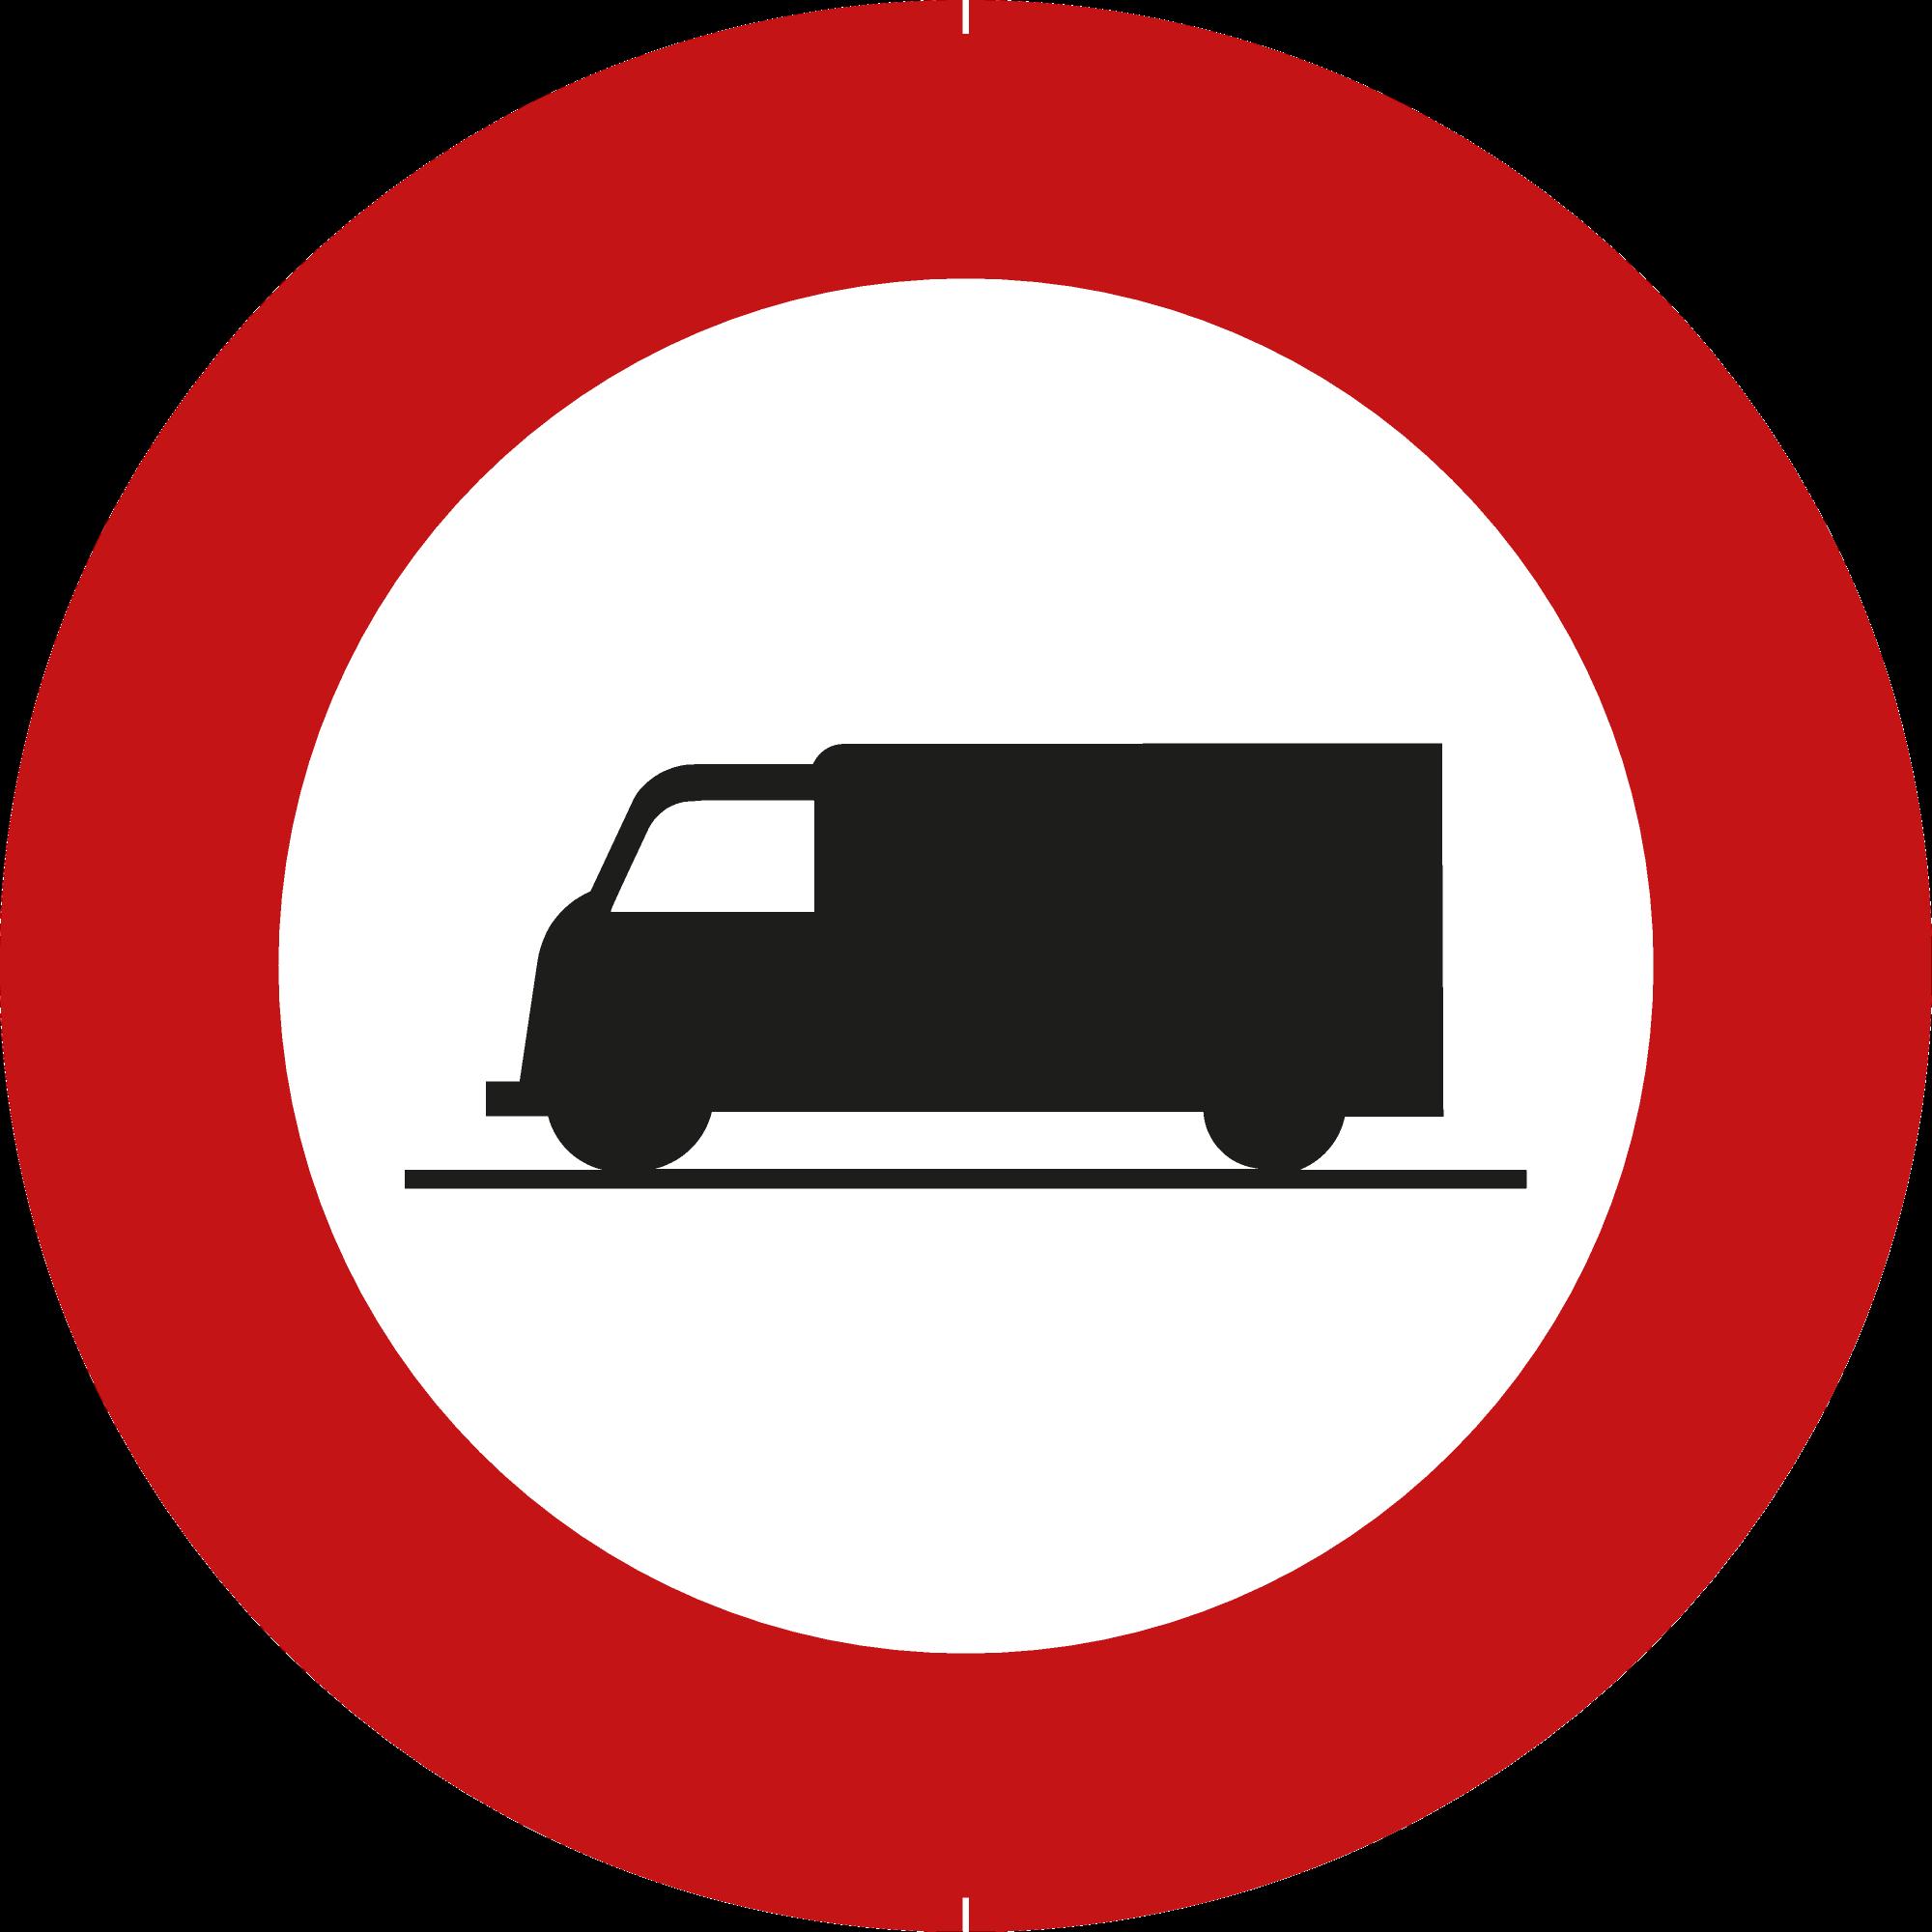 Signface - C23 - klasse  I - Ø 400 mm